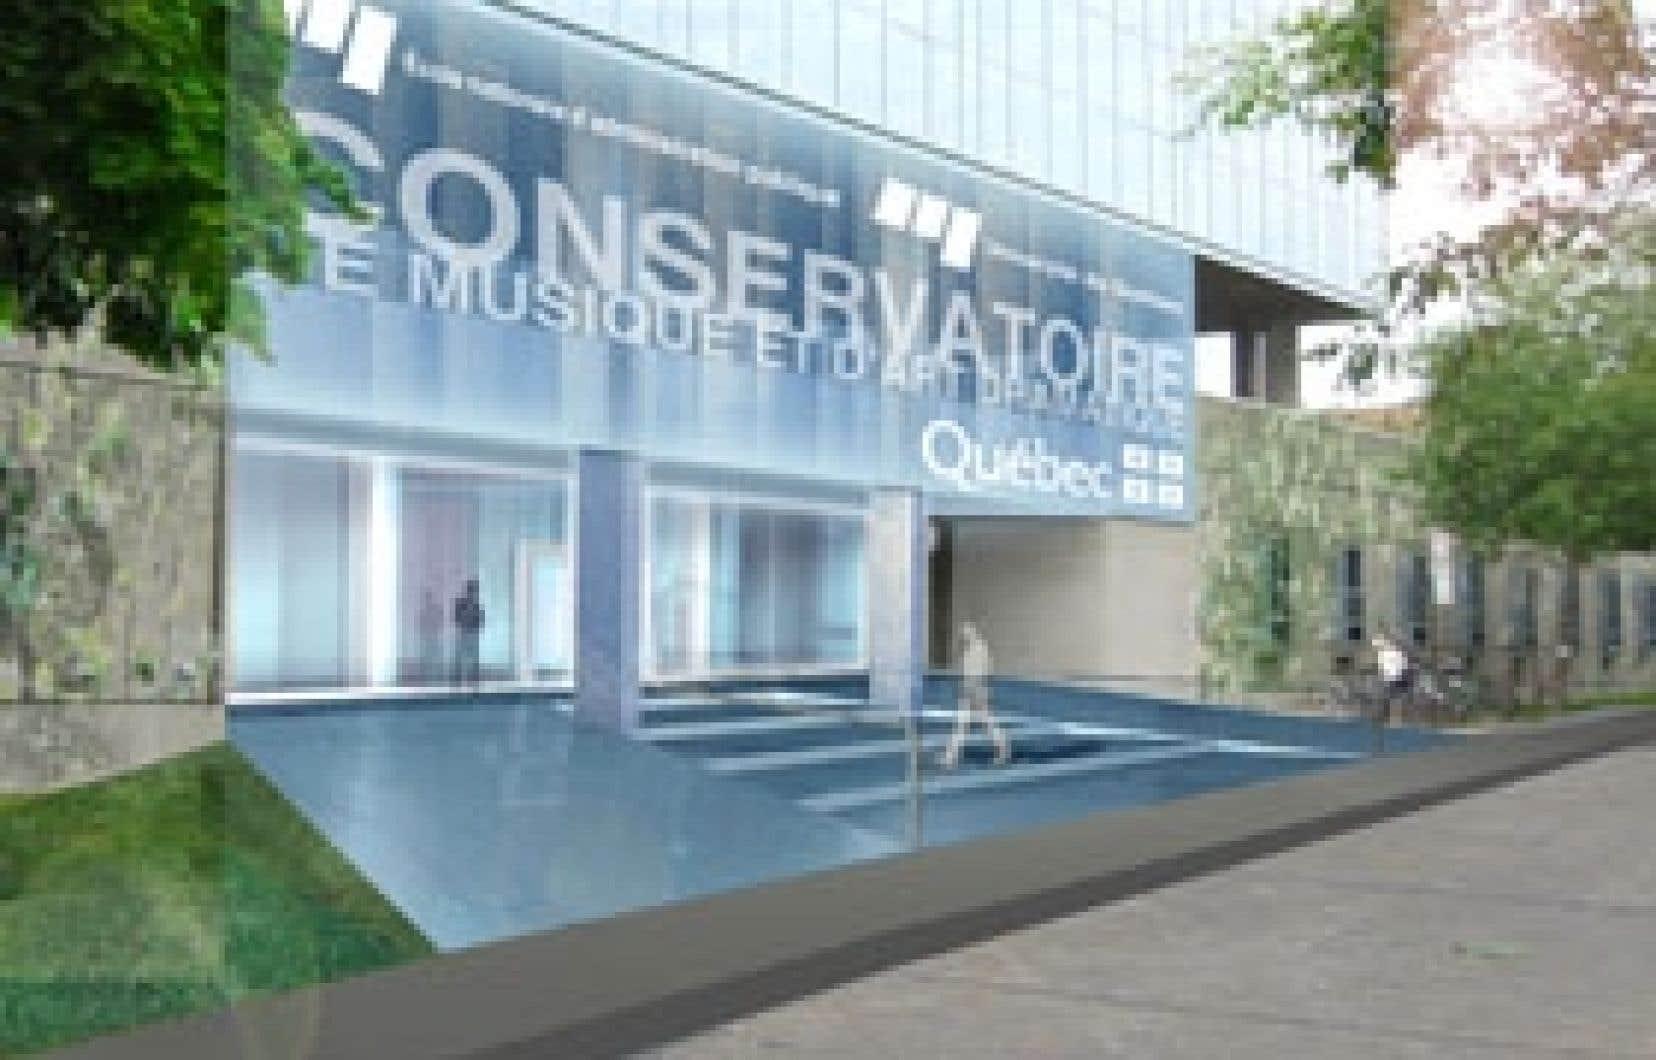 La nouvelle façade du Conservatoire de musique et d'art dra-matique à Montréal sera bientôt achevée.